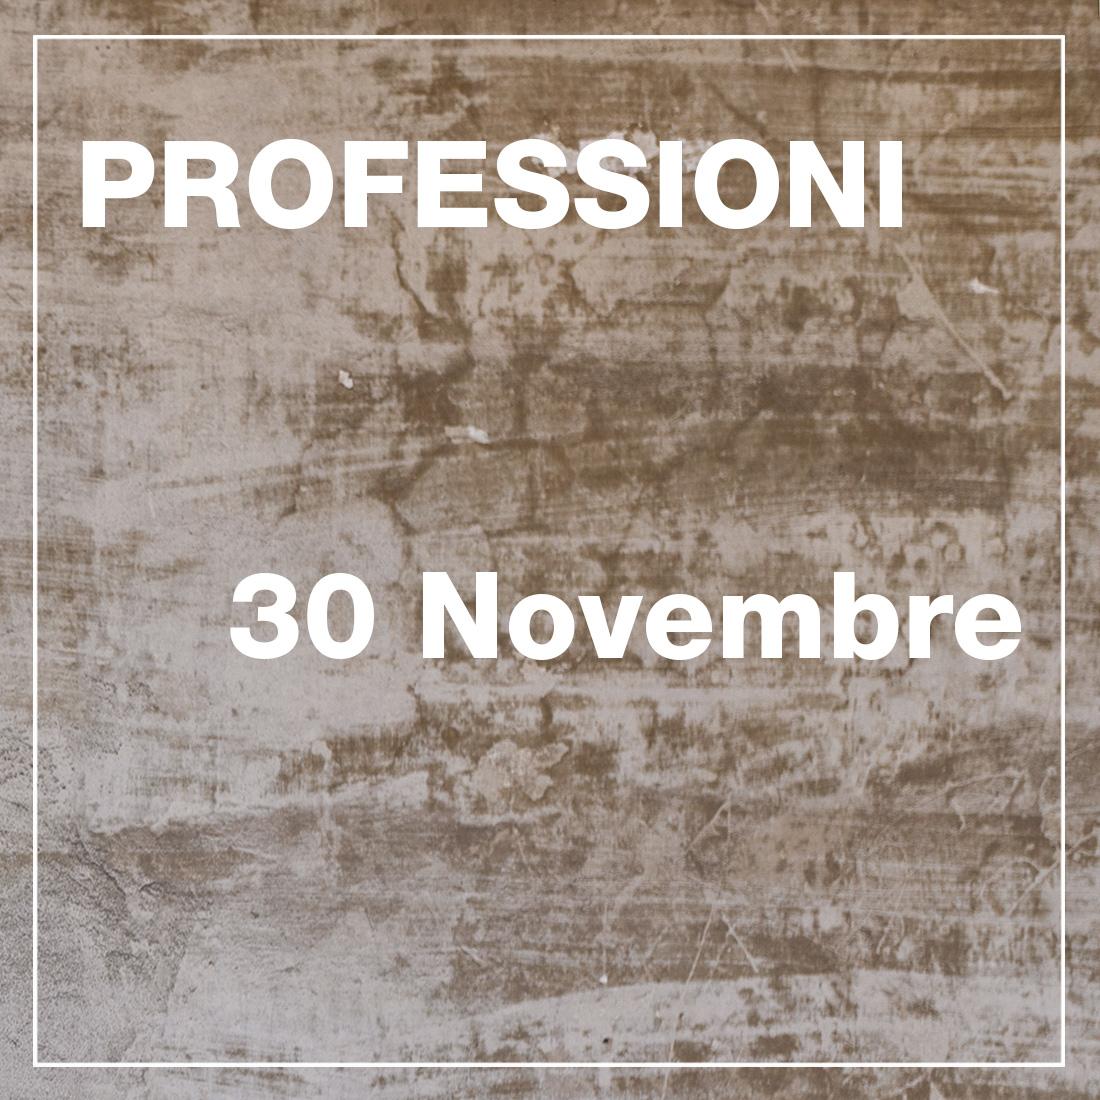 Professioni - 30 Novembre